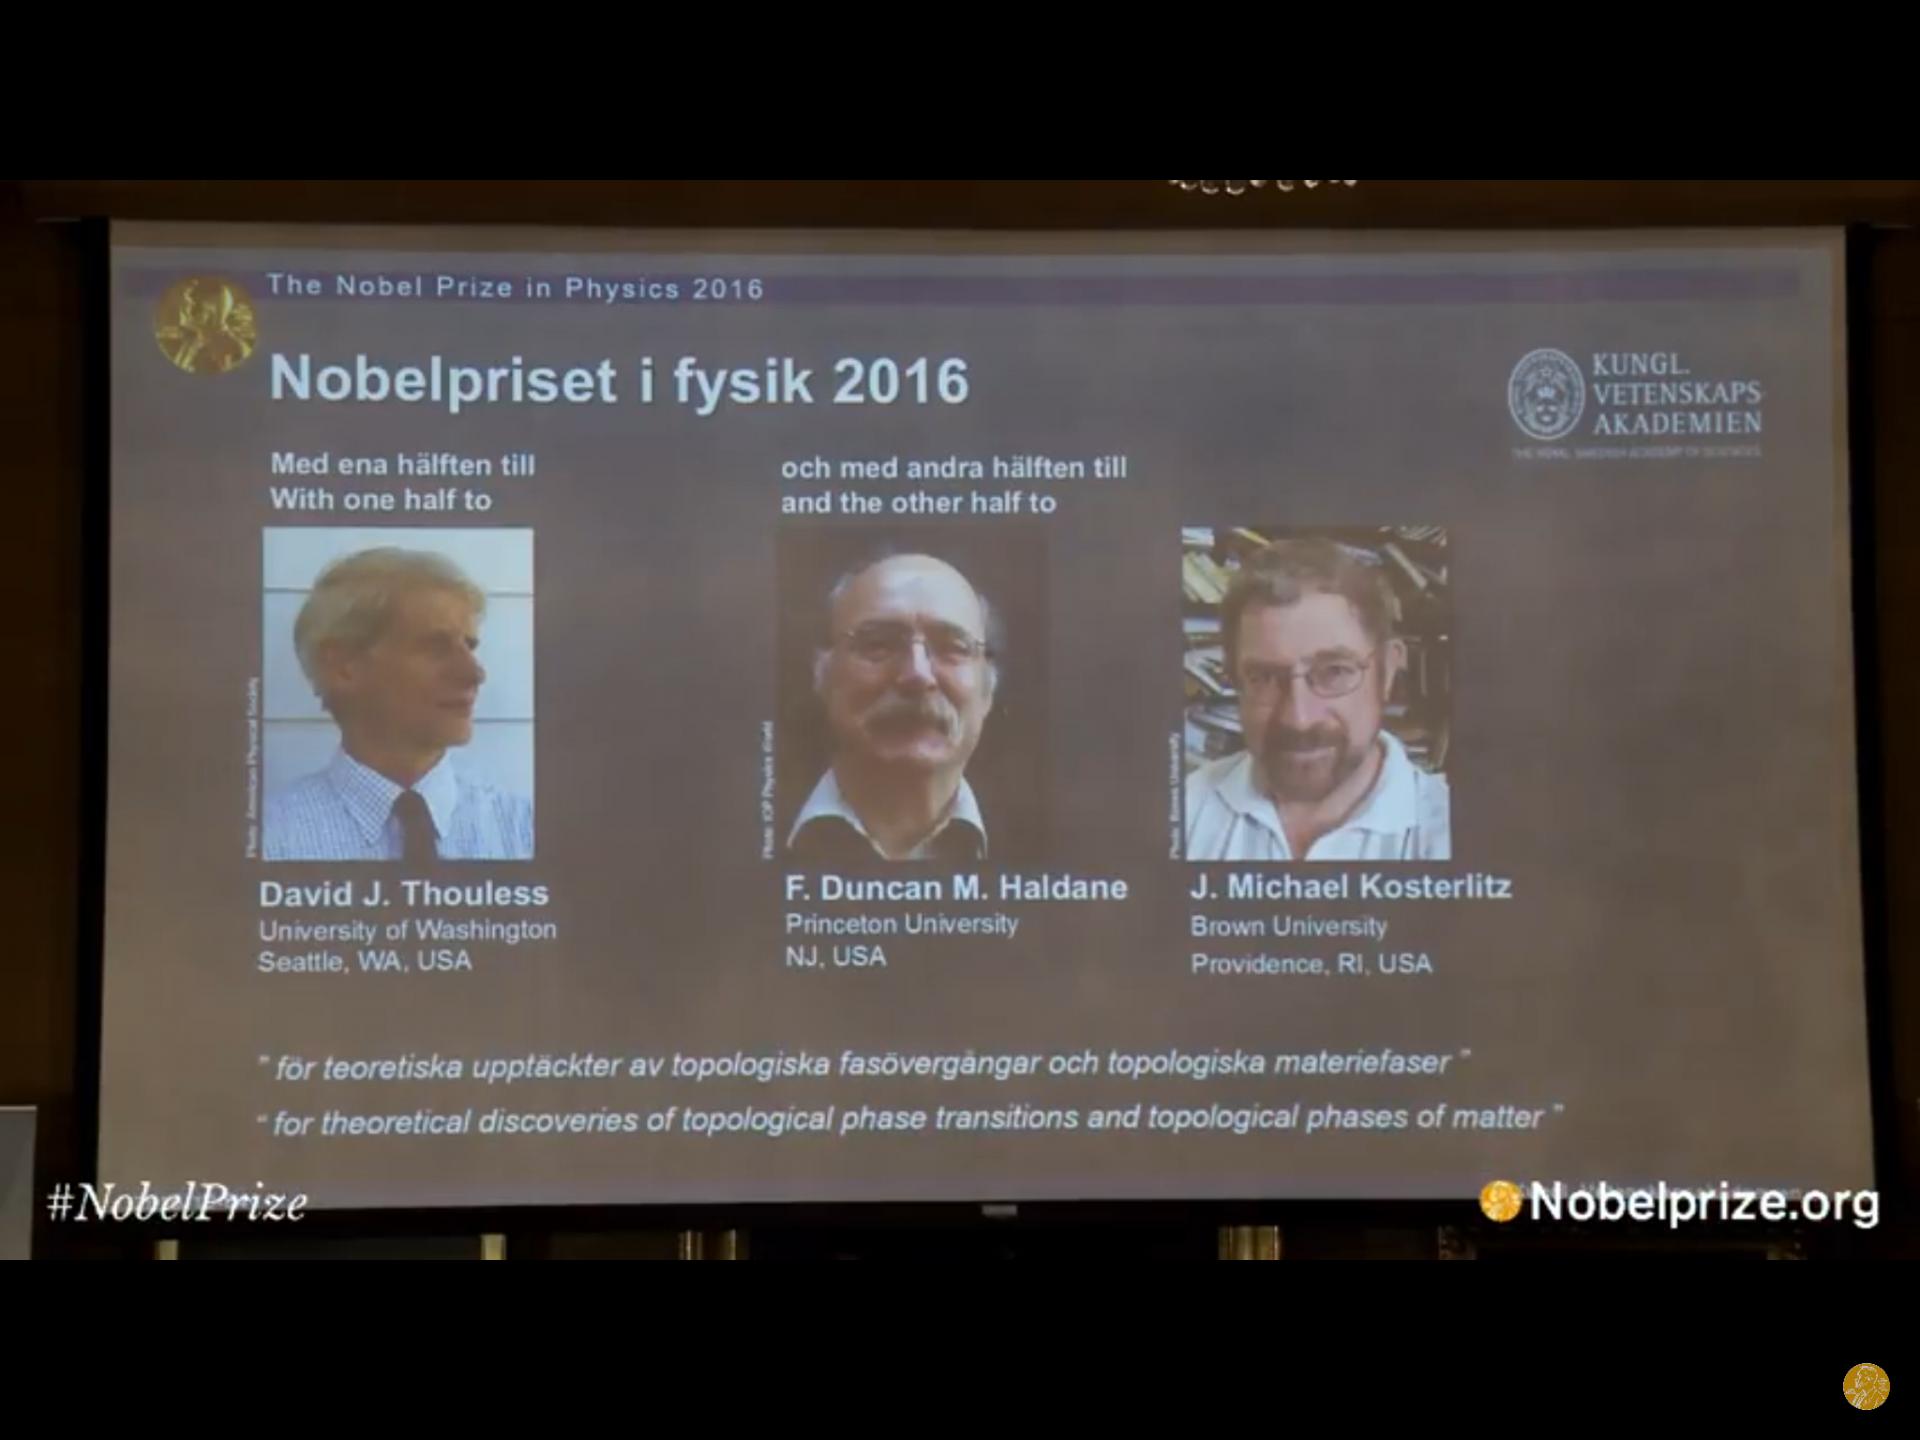 Нобелевскую премию пофизике присудили заоткрытие топологических переходов материи